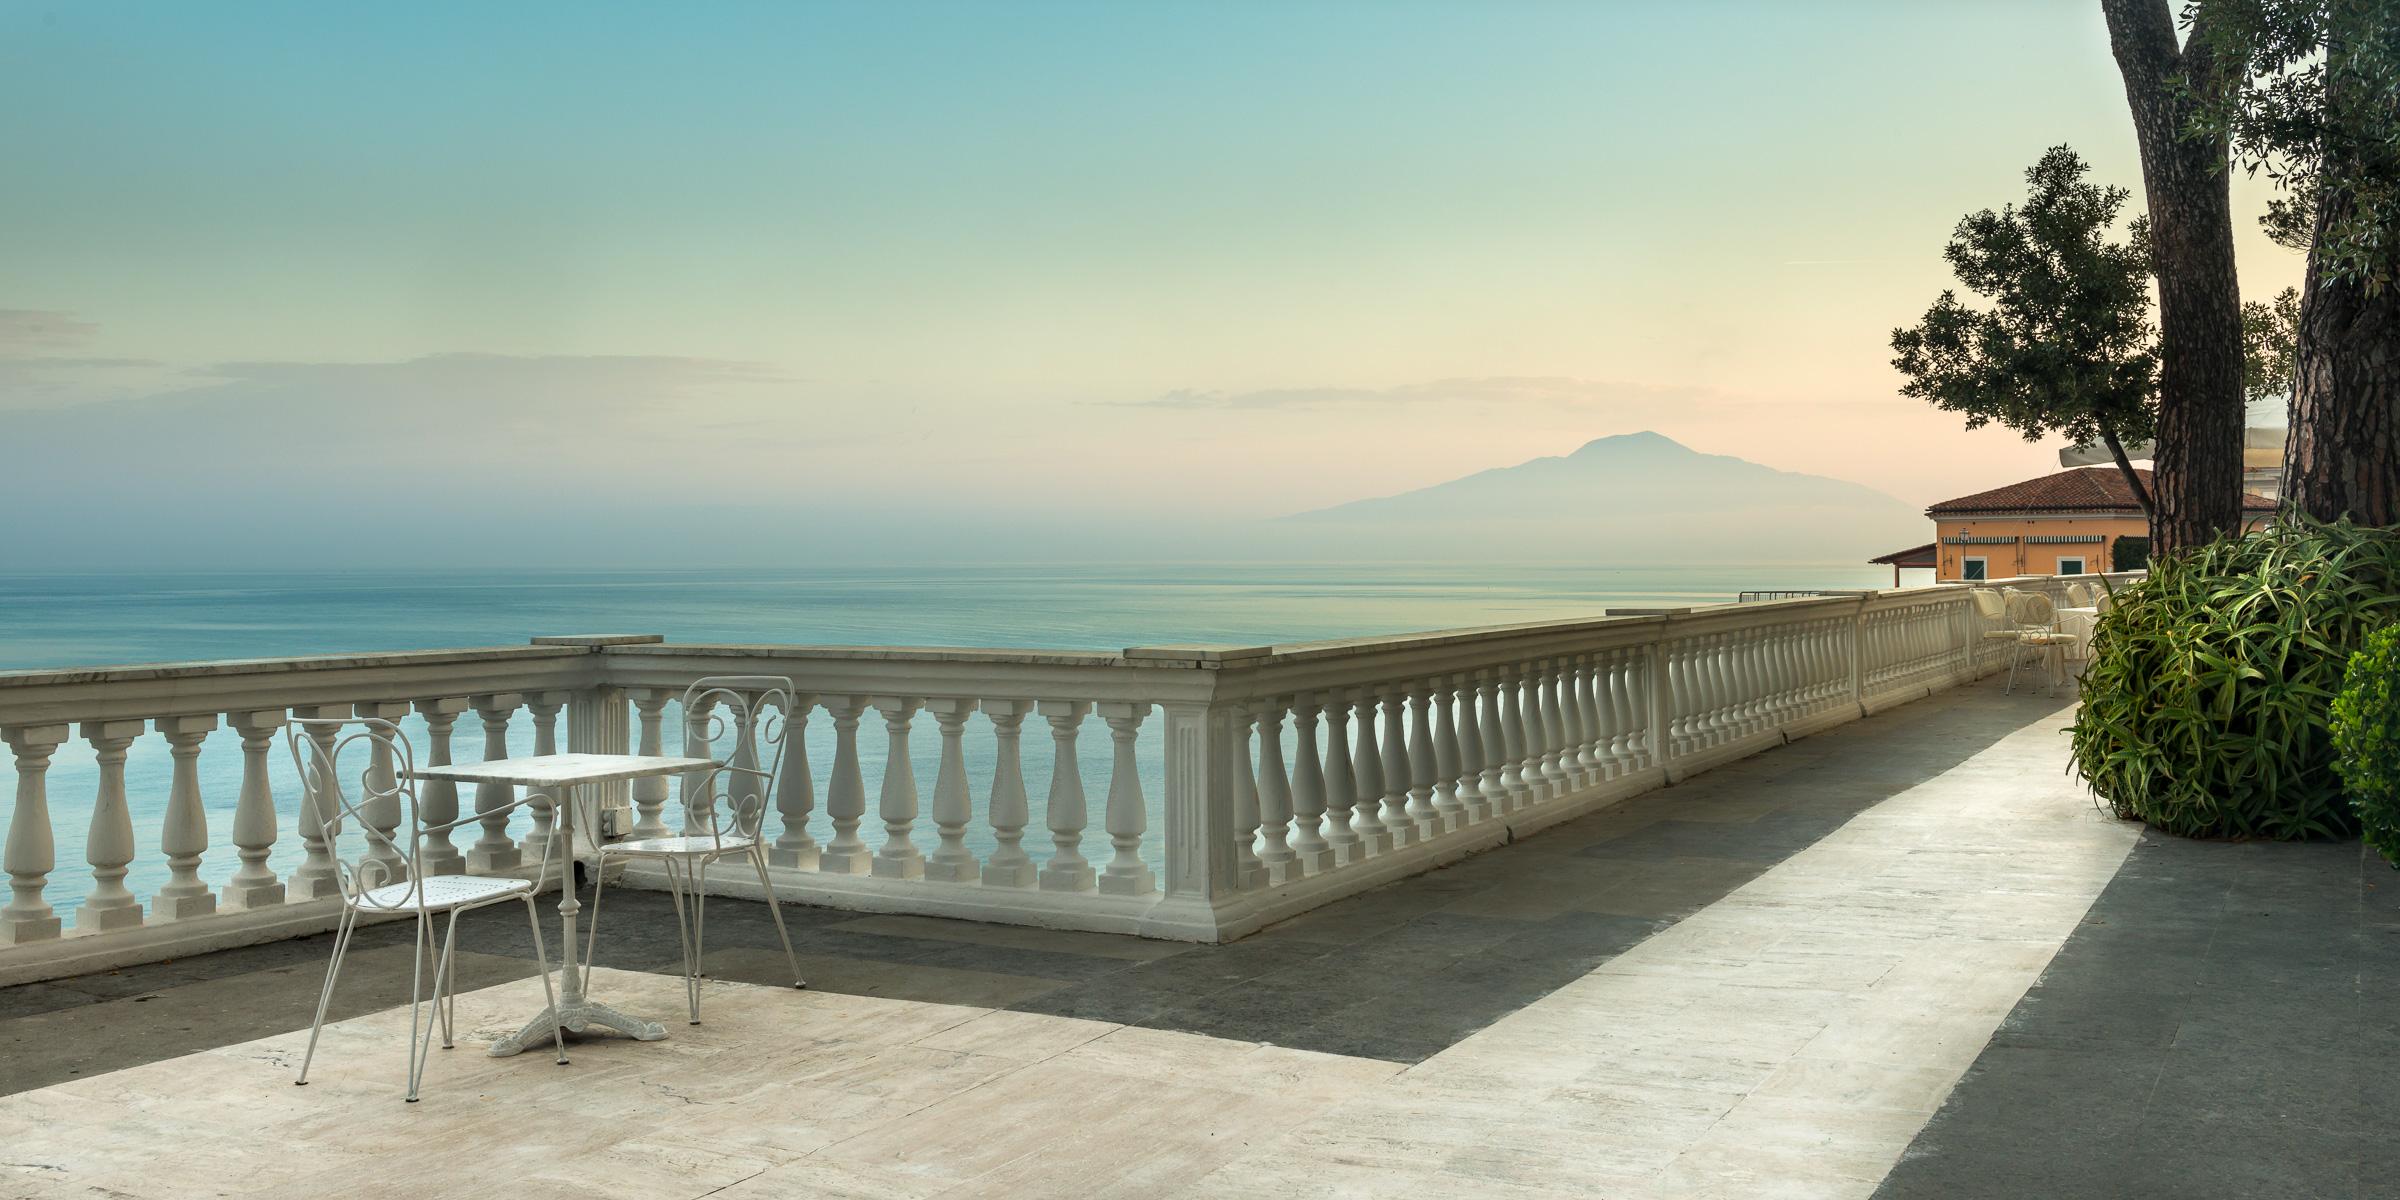 Breakfast With Vesuvius